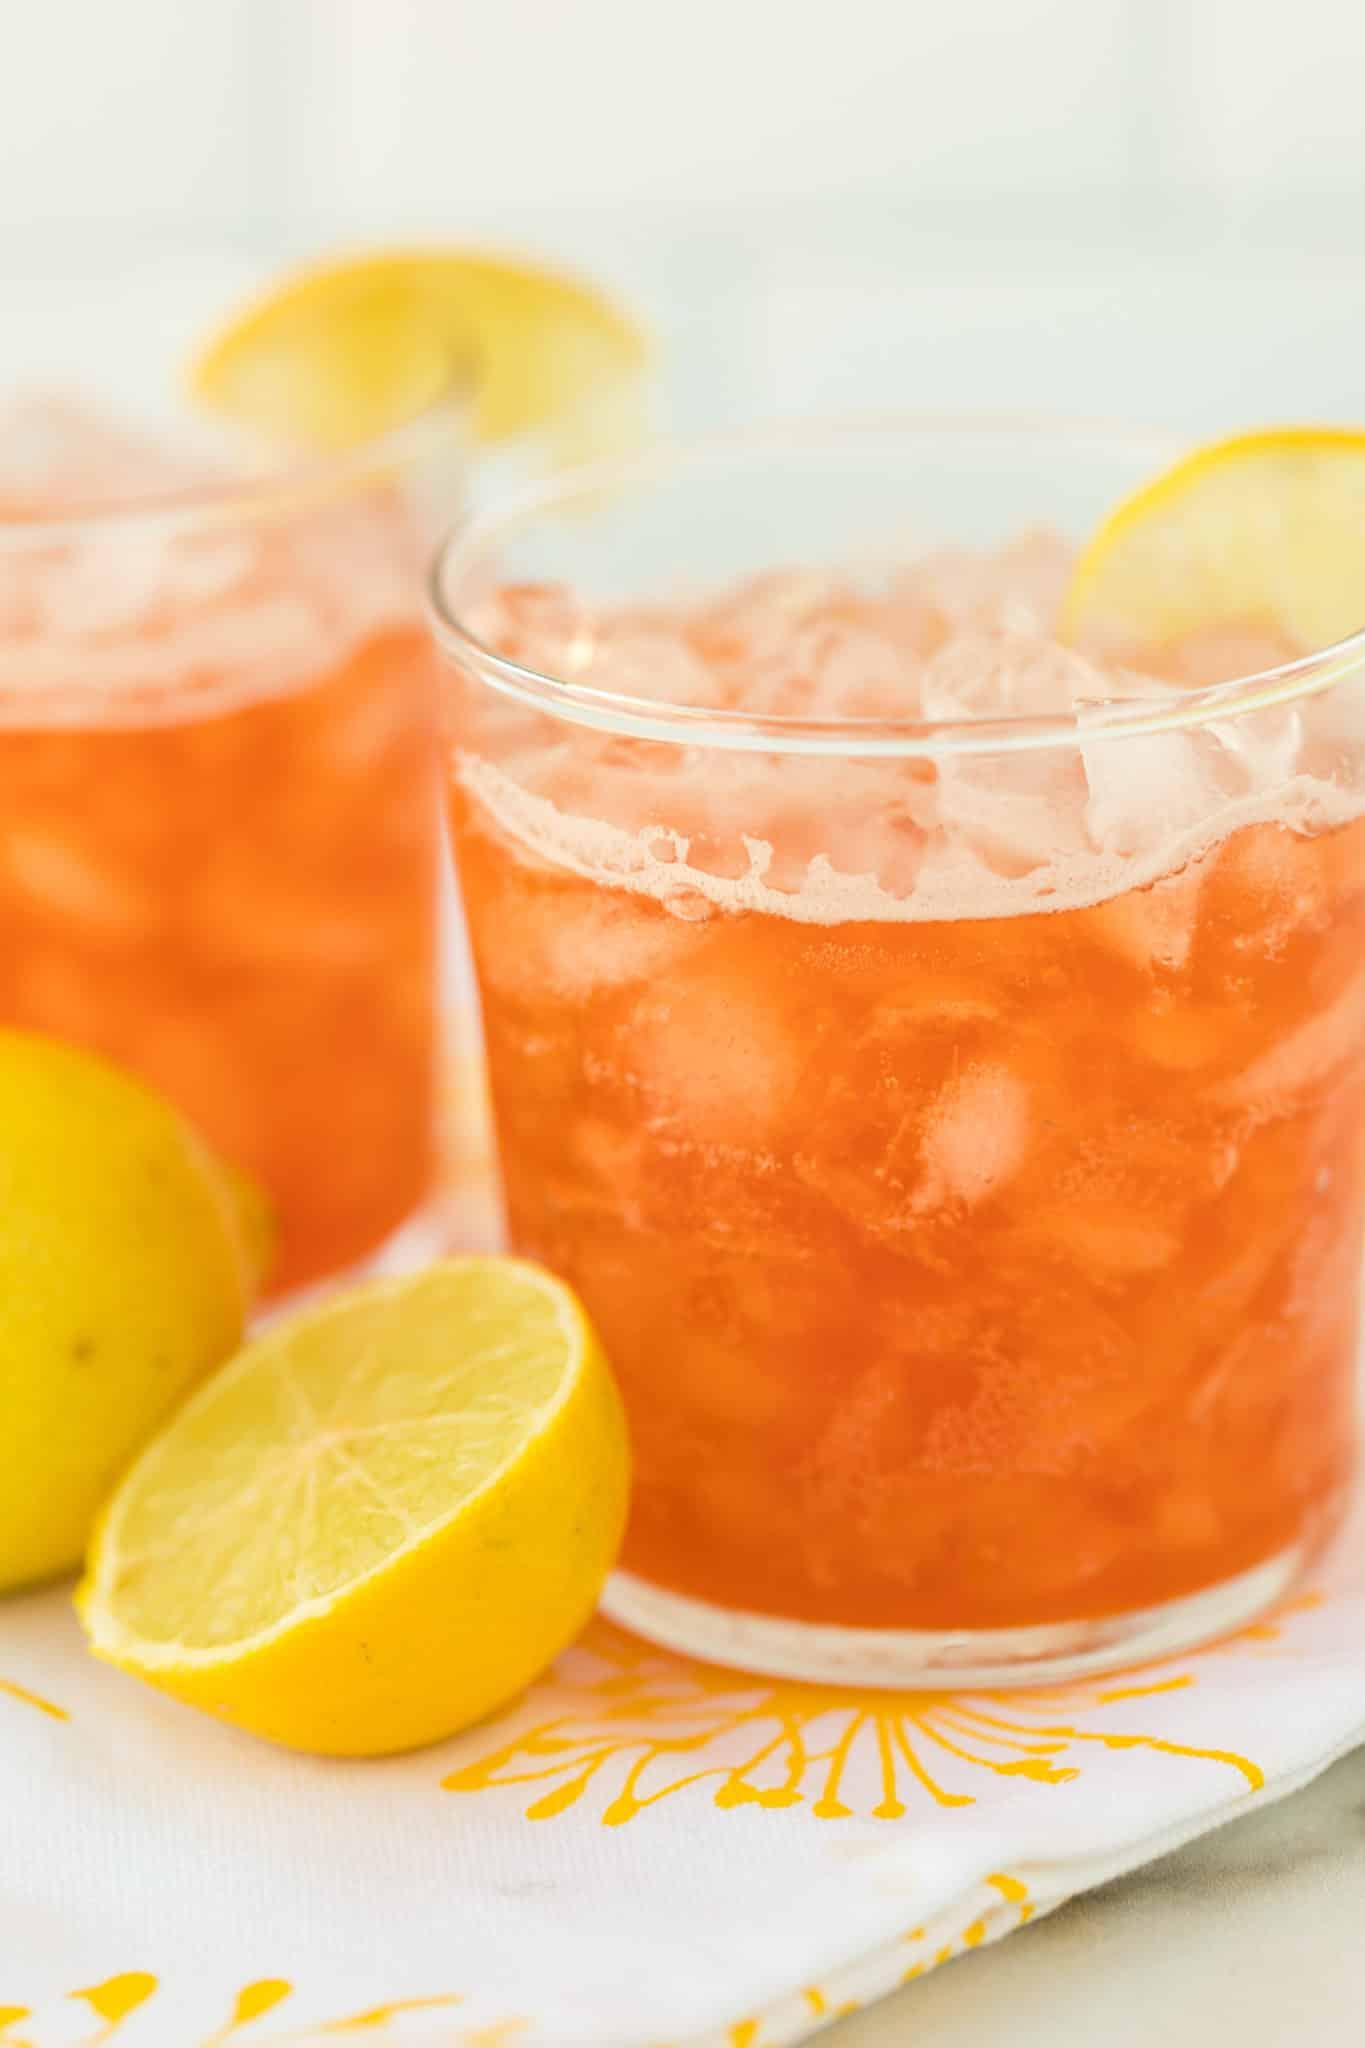 two glasses of kombucha lemonade with fresh lemon slices